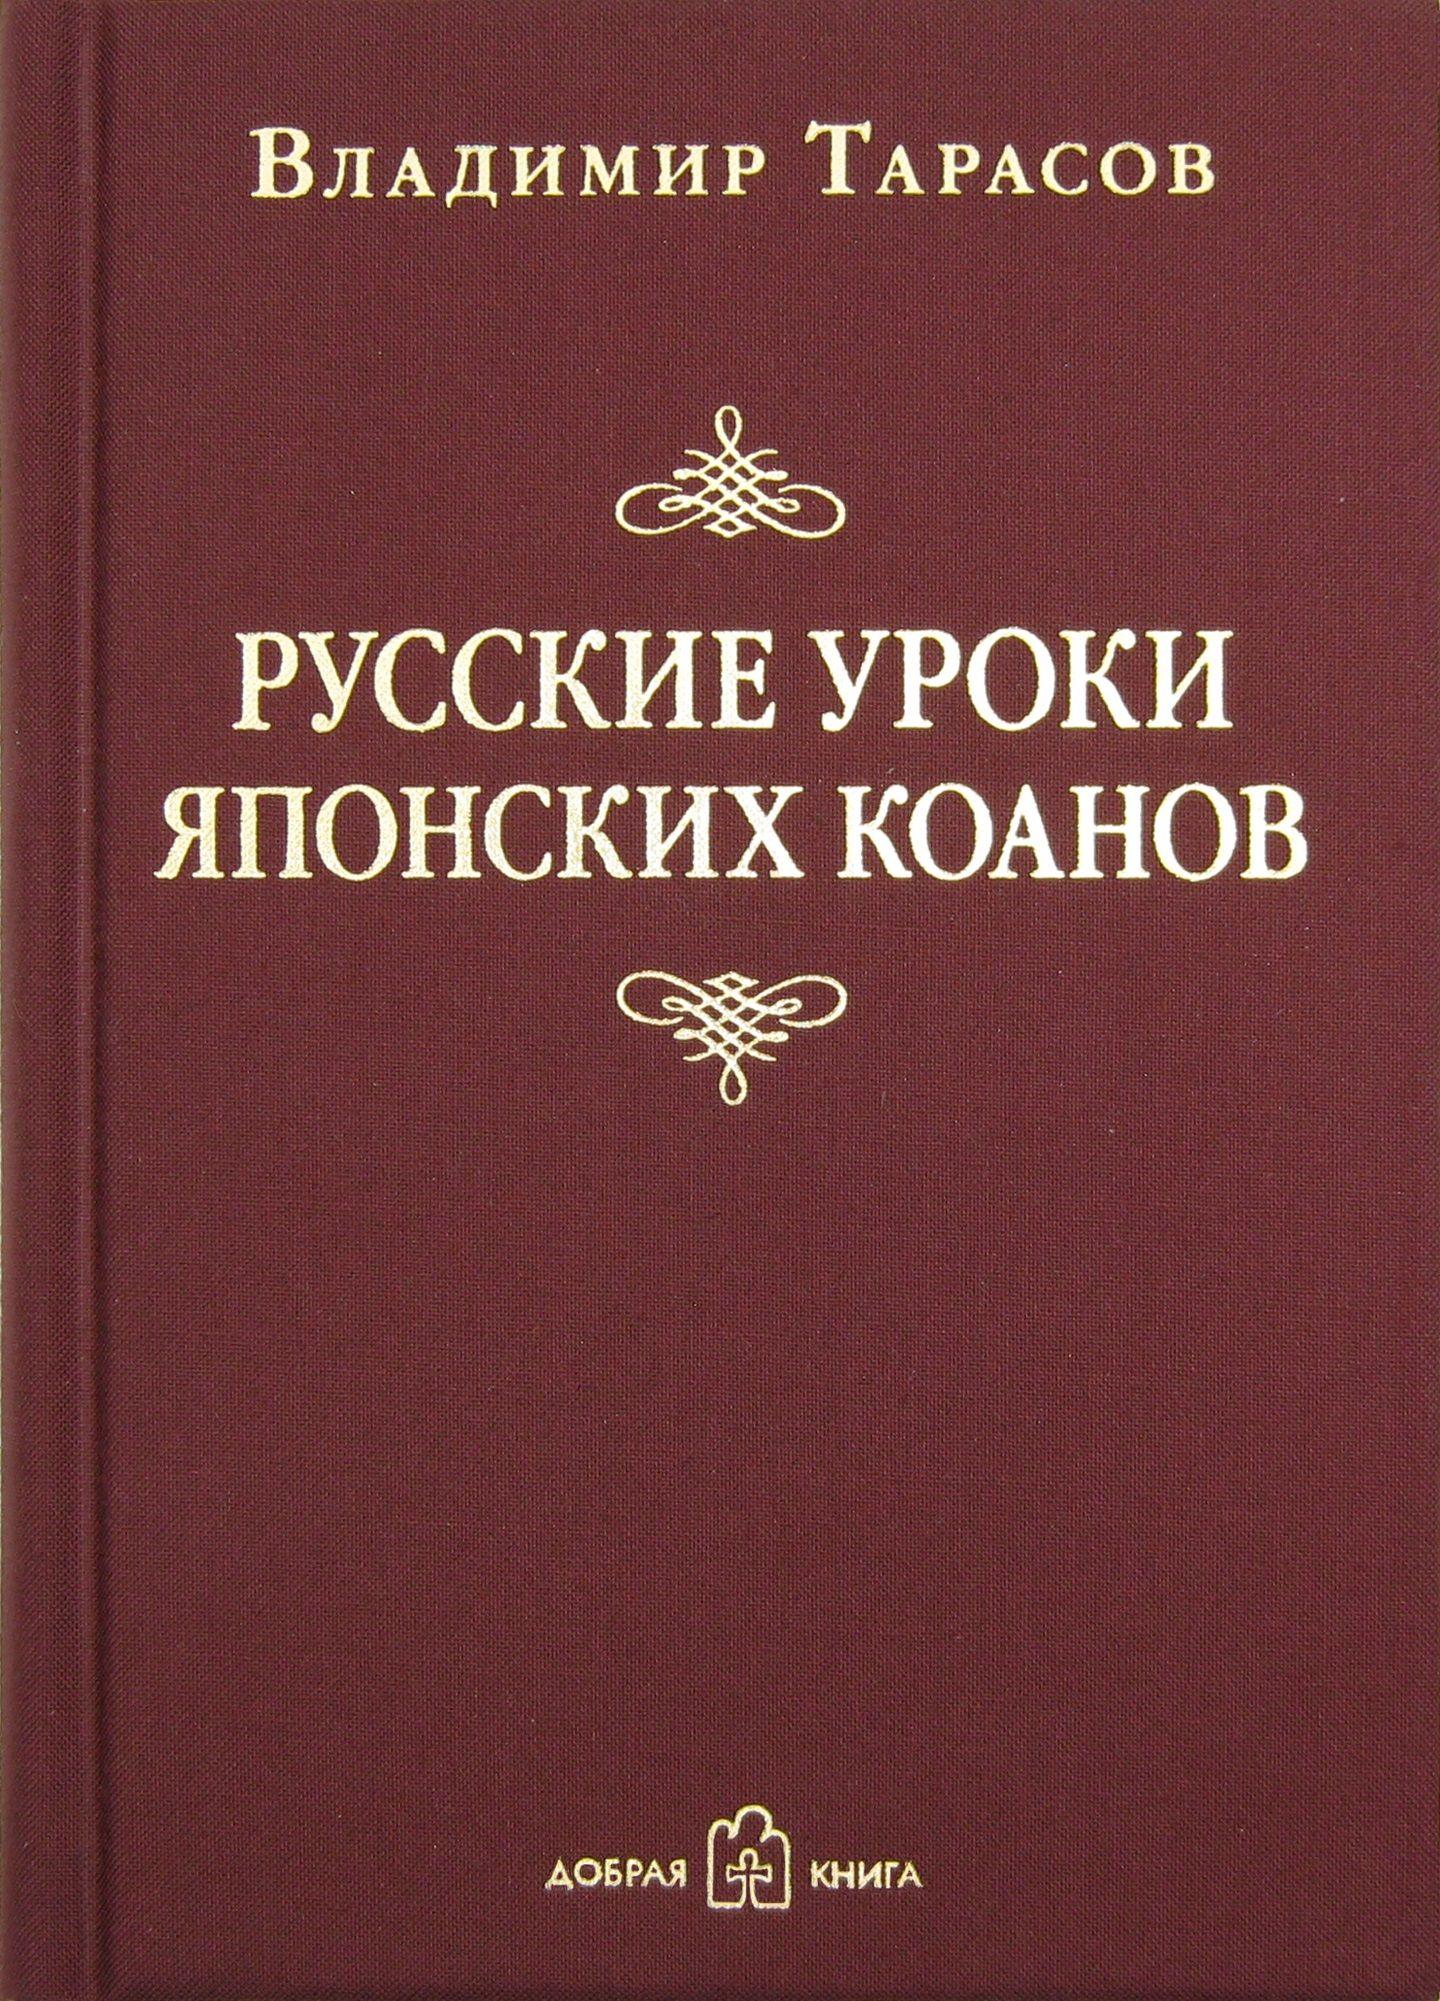 Купить книгу Русские уроки японских коанов, автора Владимира Тарасова